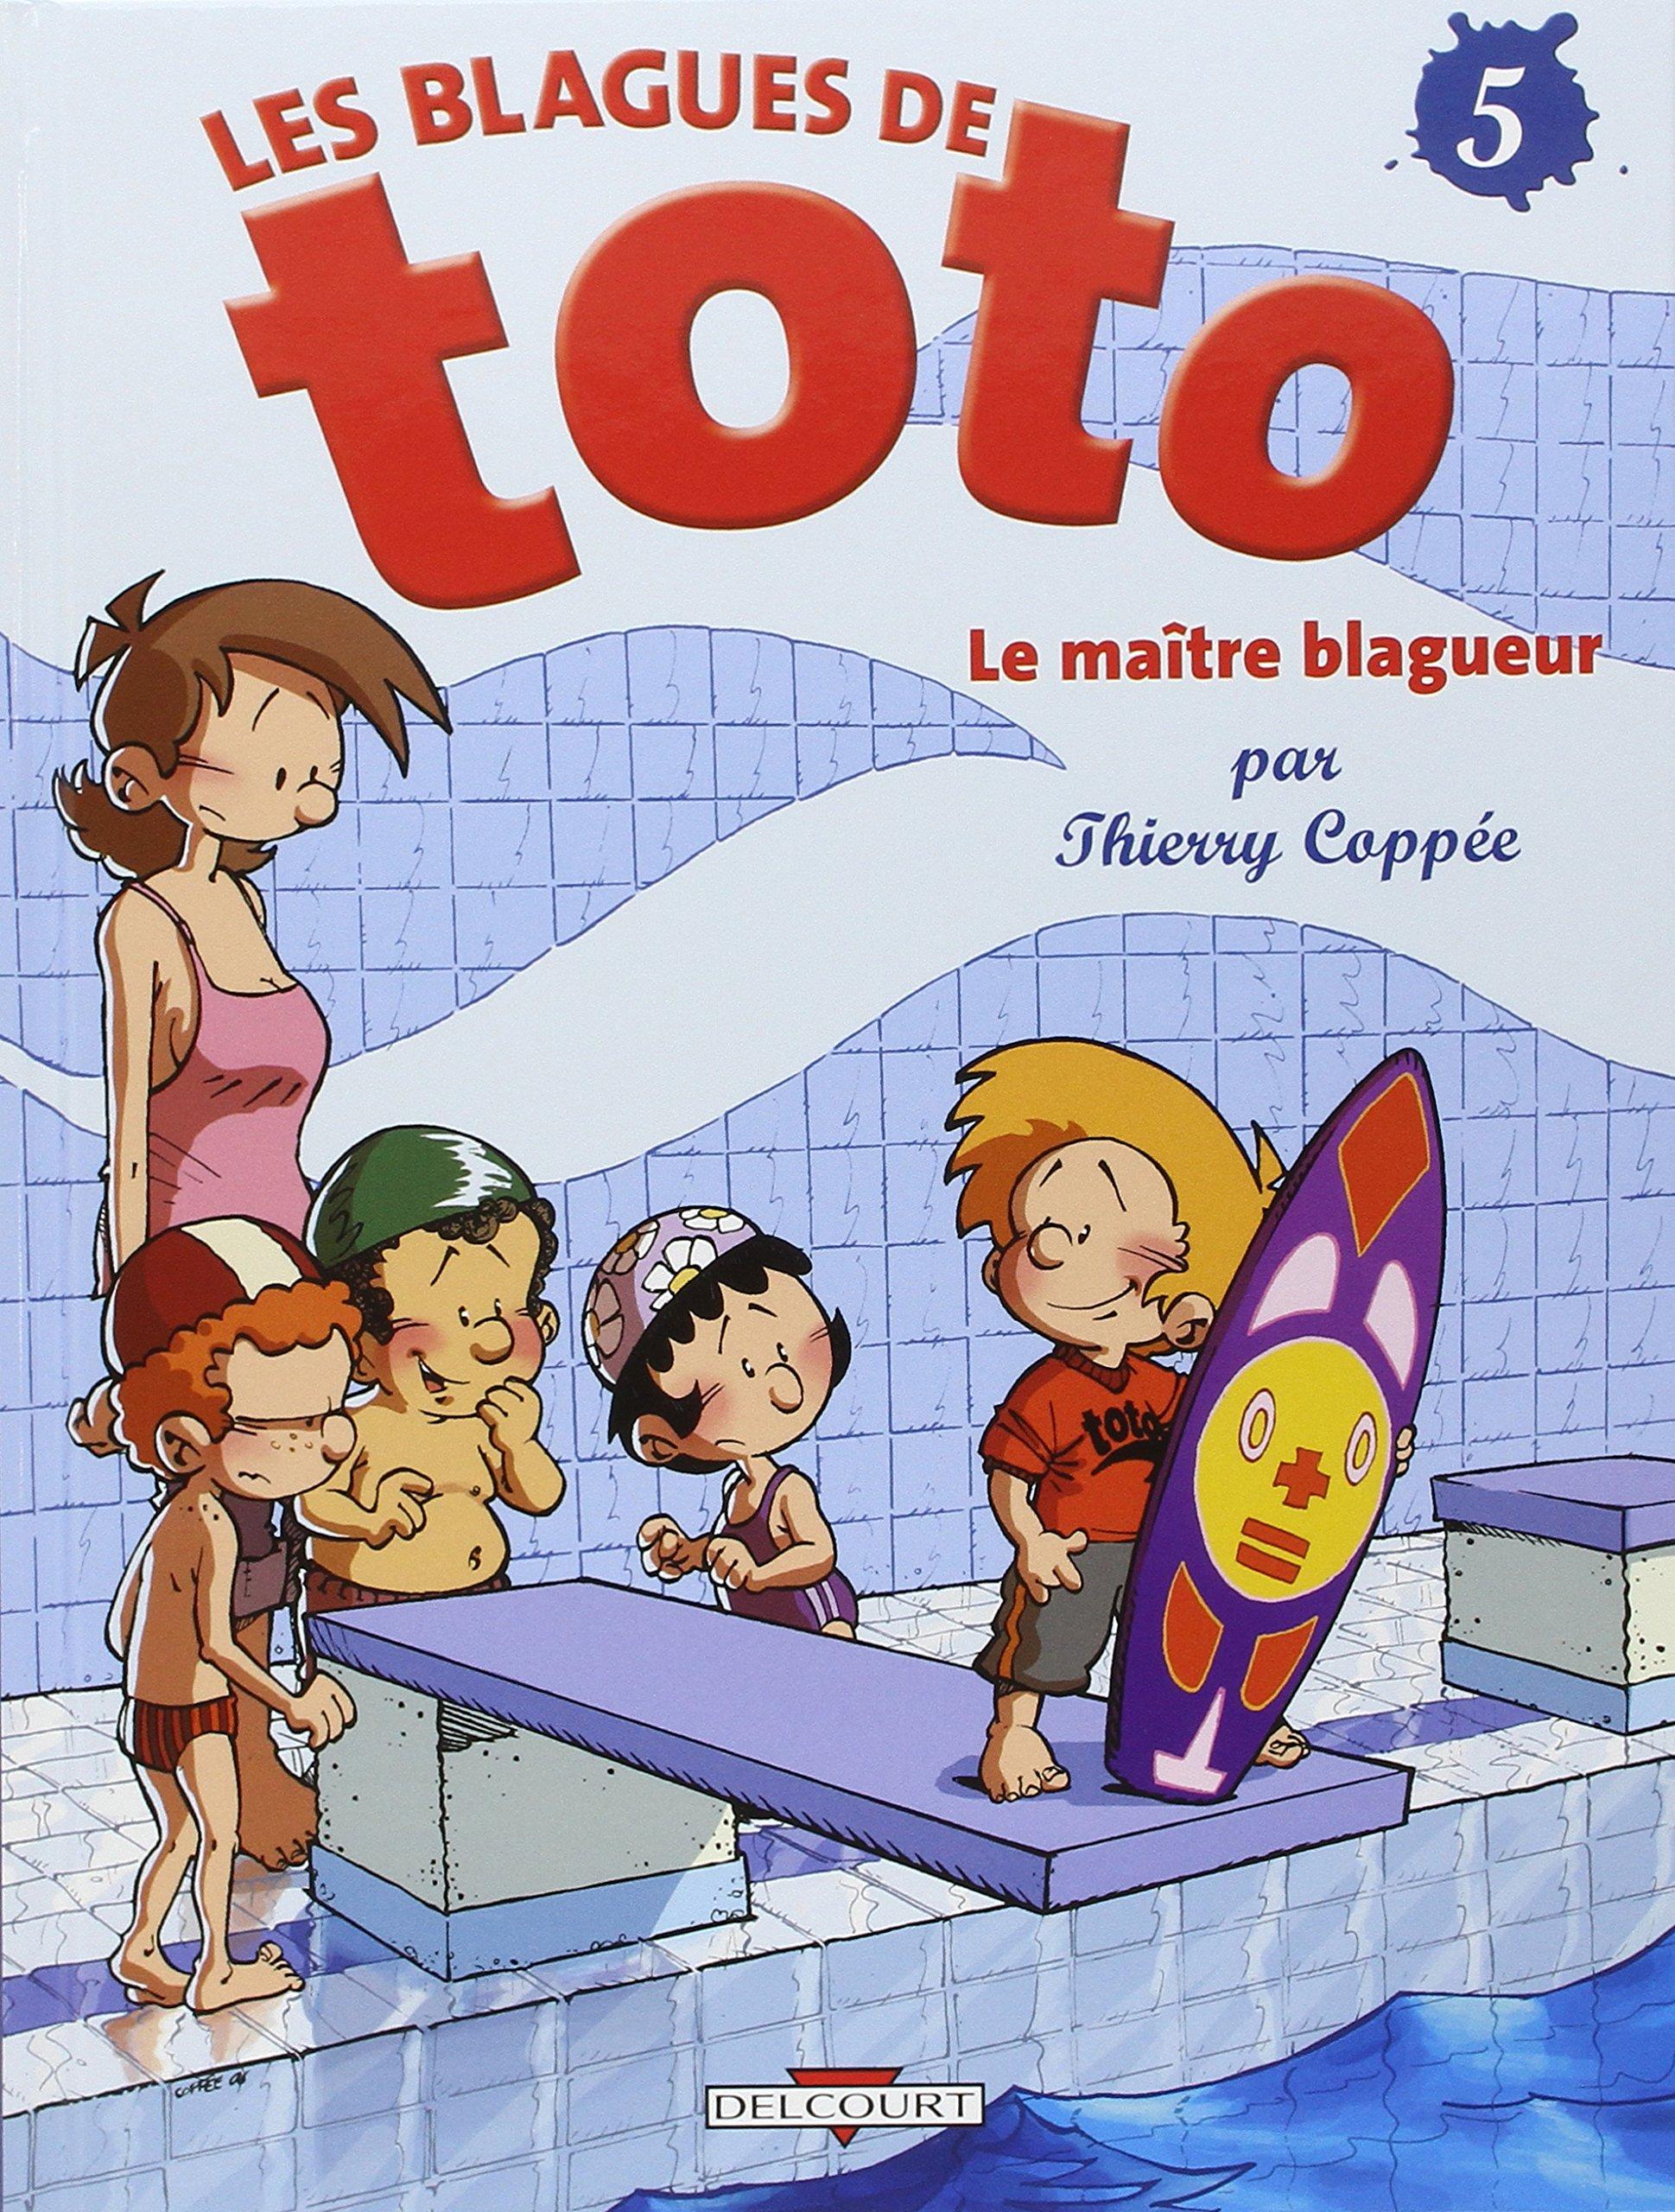 Les Blagues de Toto, Tome 5 : Le maître blagueur Album – 25 avril 2007 Coppée thierry DELCOURT 2756005681 749782756005683